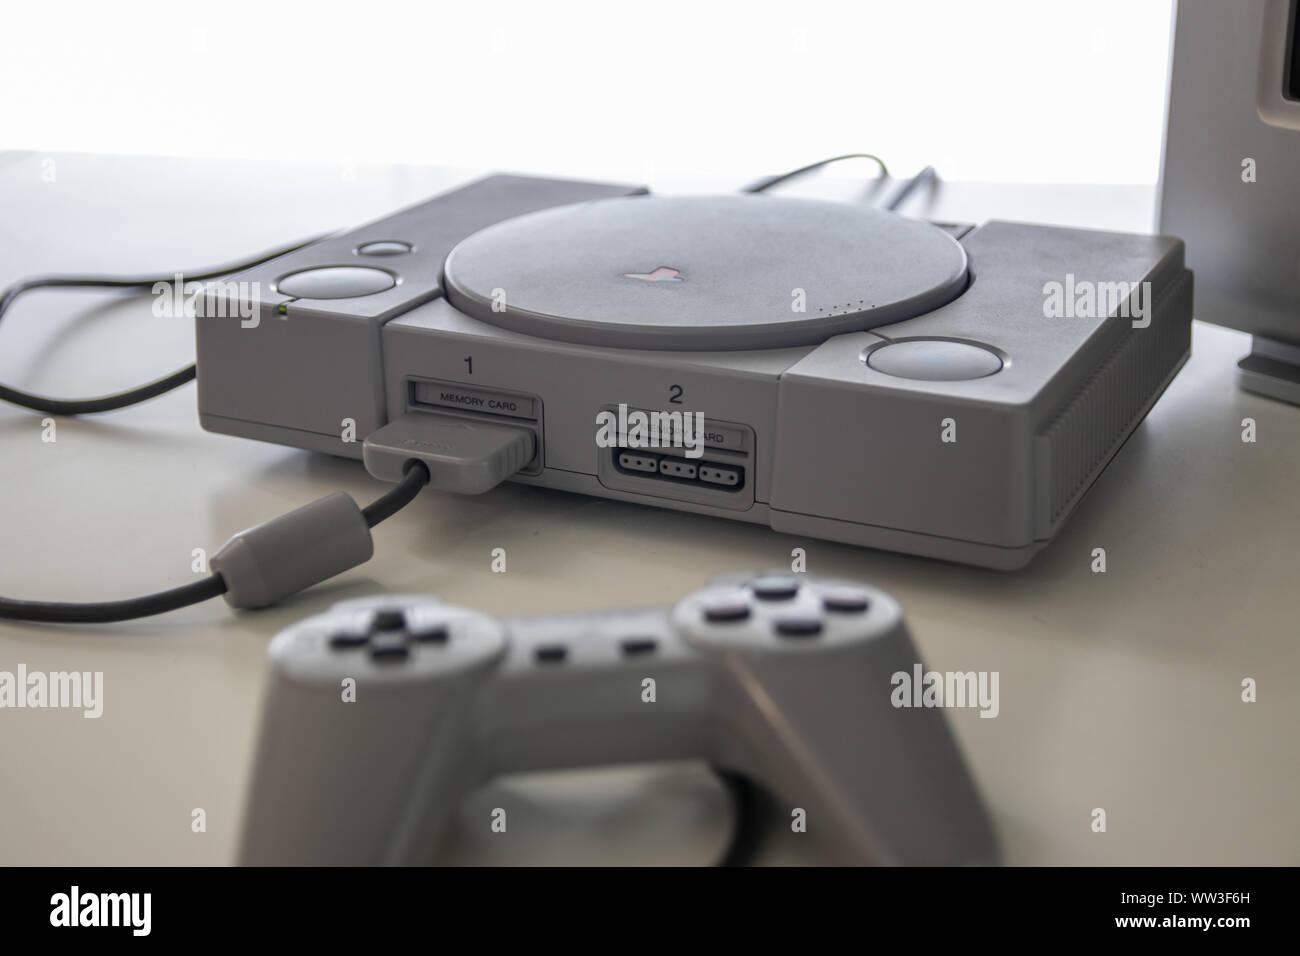 Un controlador Sony Playstation 1 y una consola de videojuegos lanzado en 1994 por Sony Foto de stock